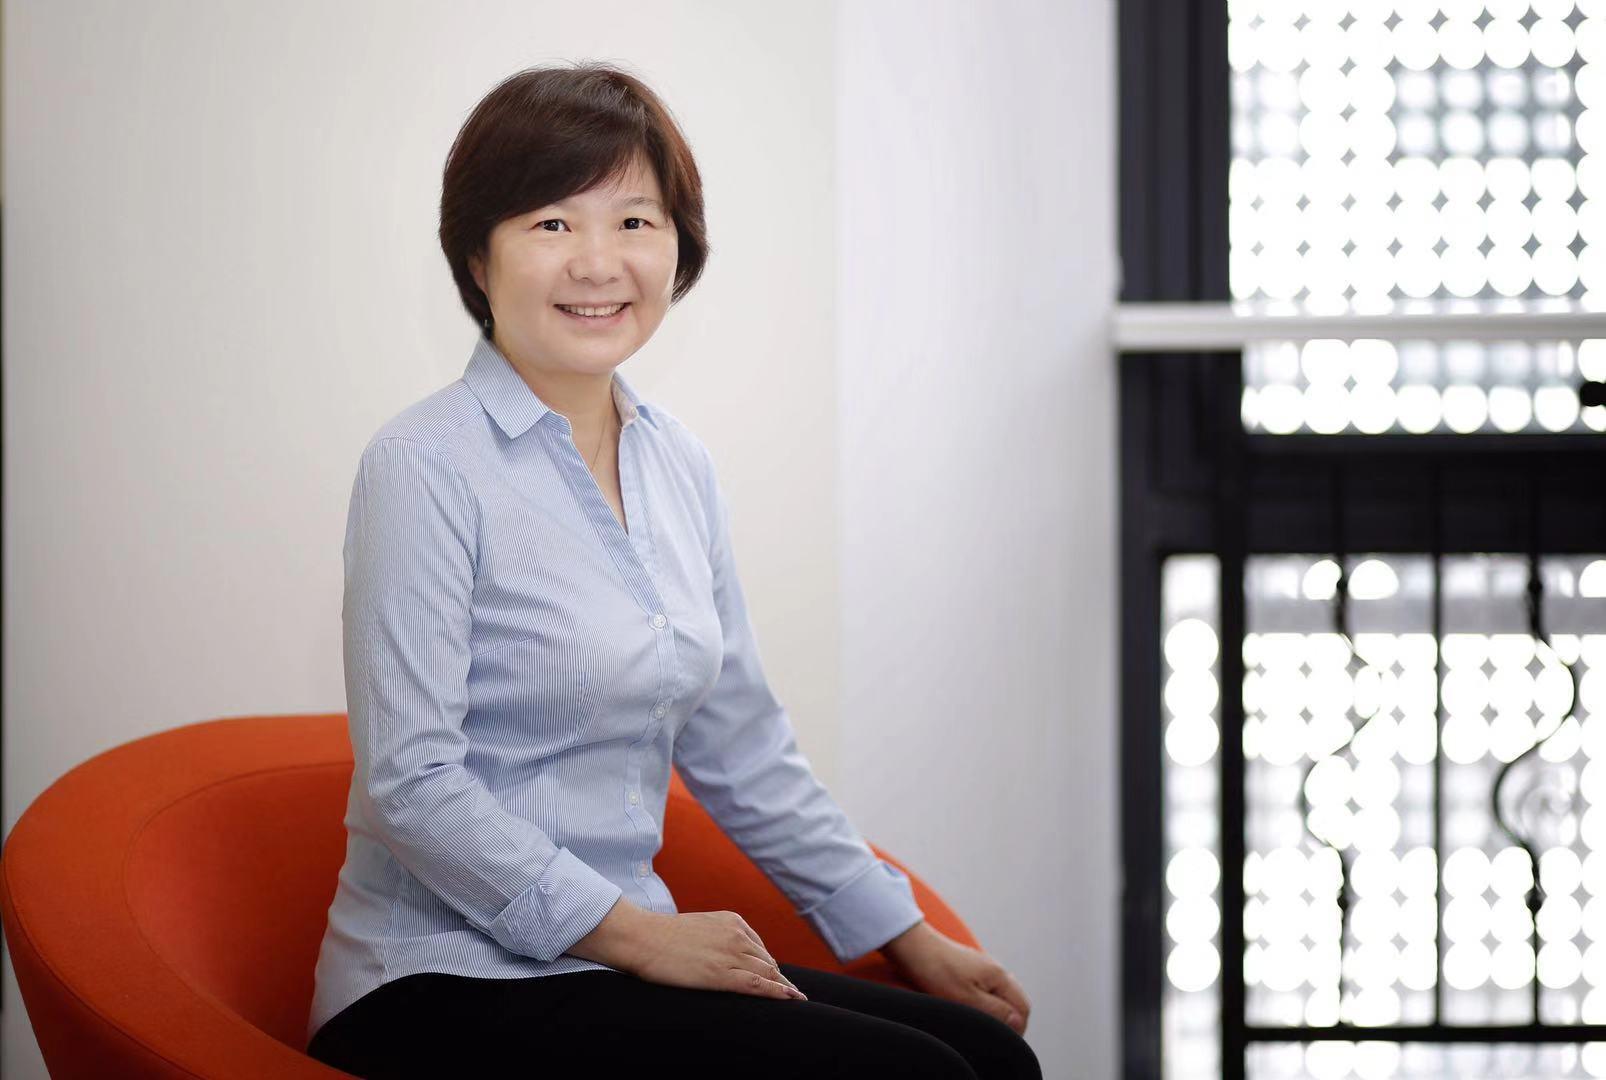 上海时装周组委会副秘书长吕晓磊 摄影记者/张健